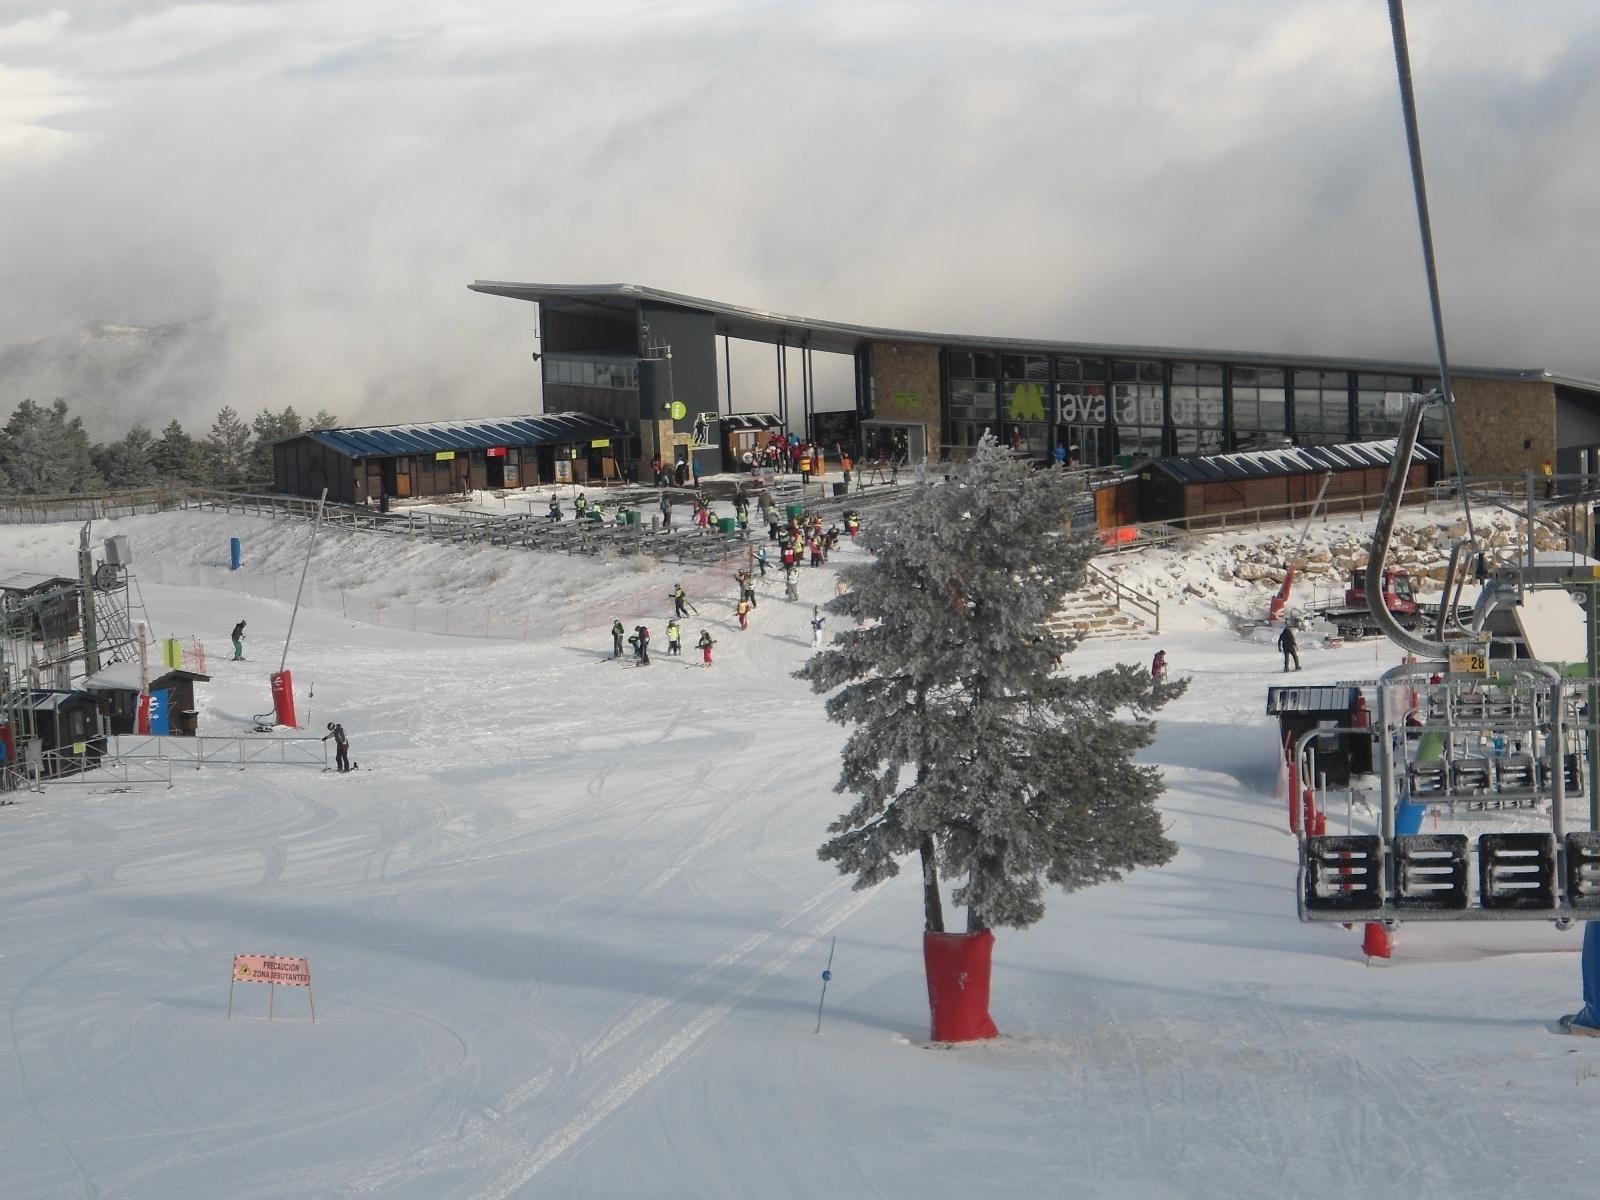 Aramón presenta 253 kilómetros esquiables este fin de semana